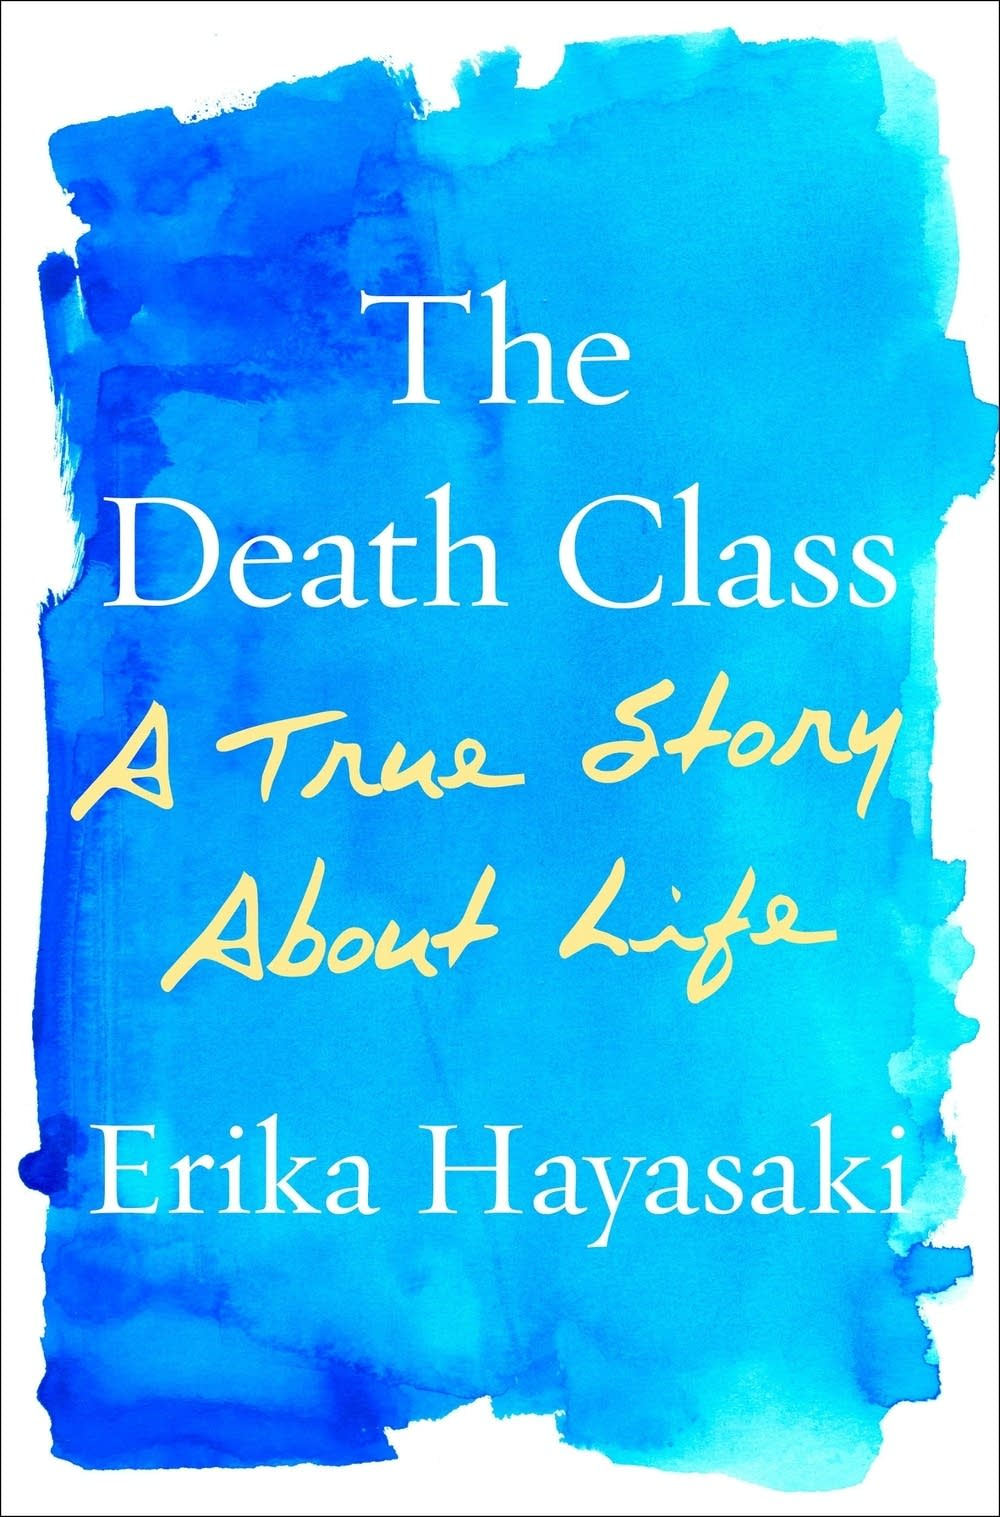 'The Death Class' by Erika Hayasaki